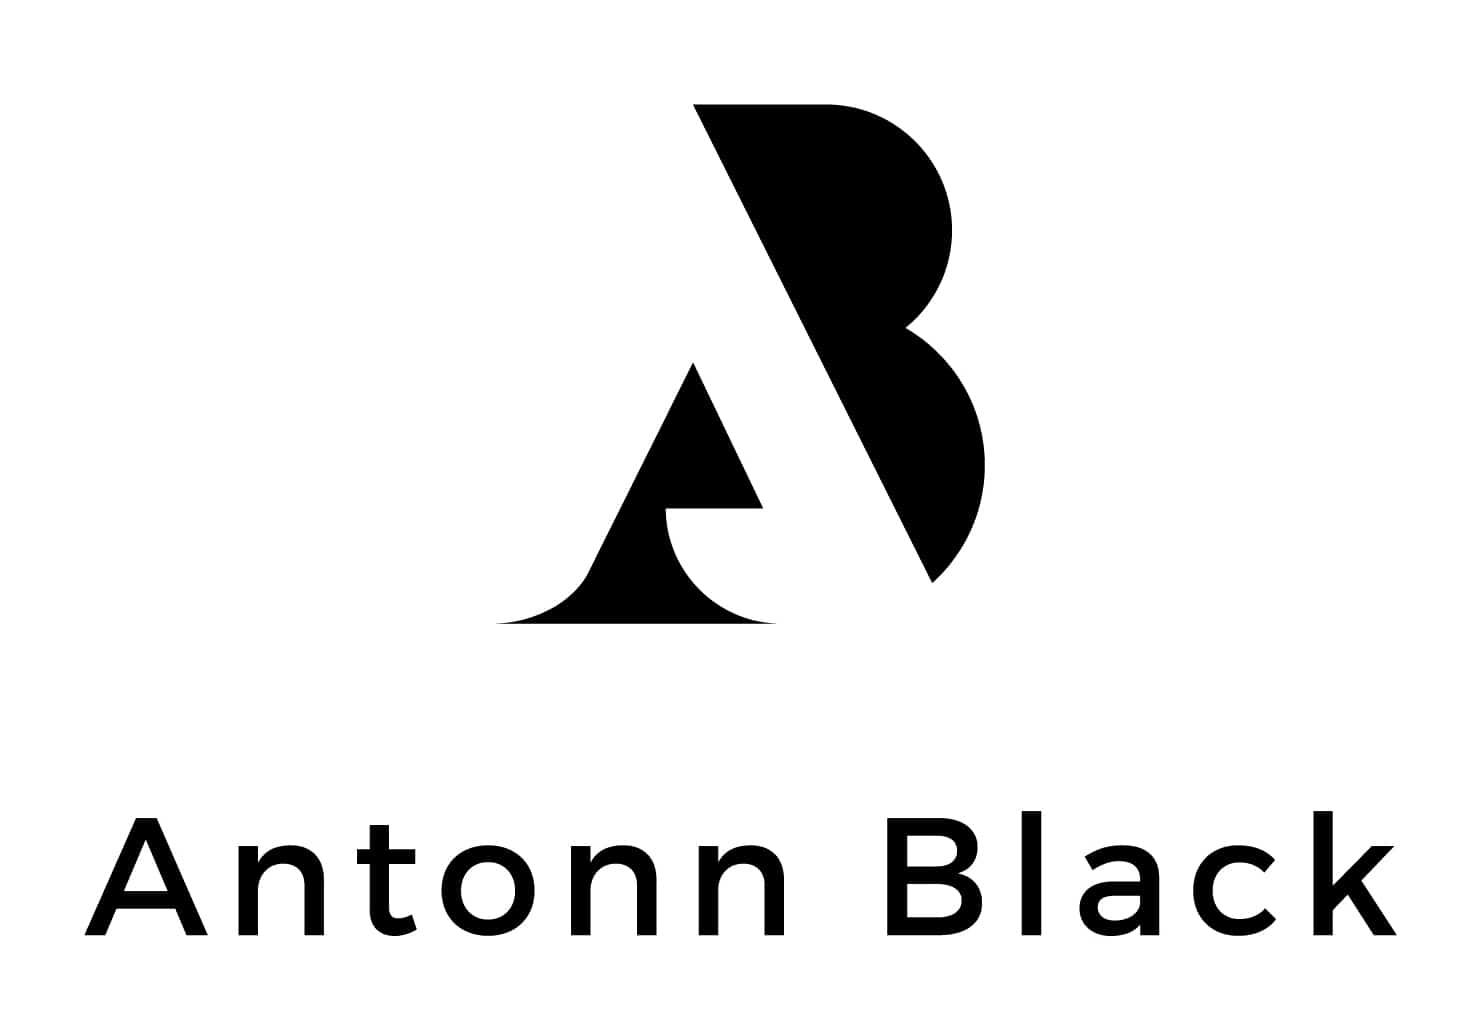 dj antonn black logo